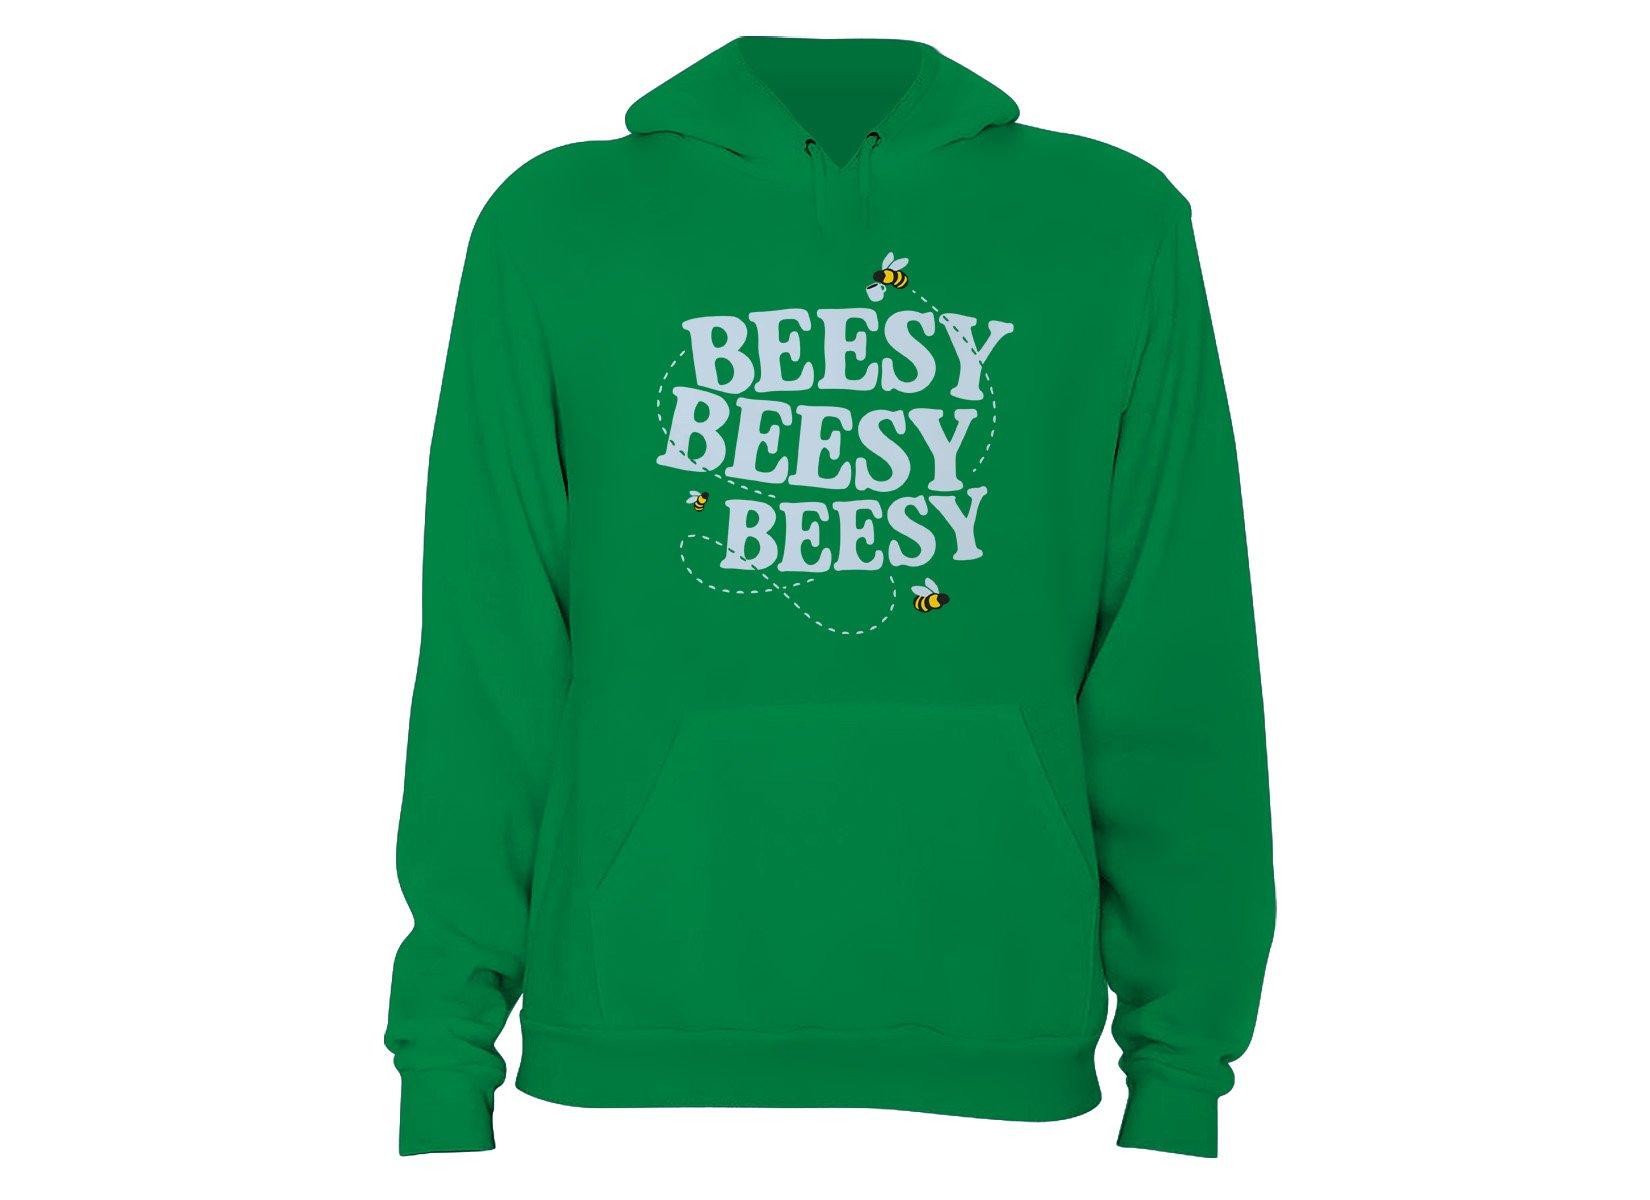 Beesy Beesy Beesy on Hoodie